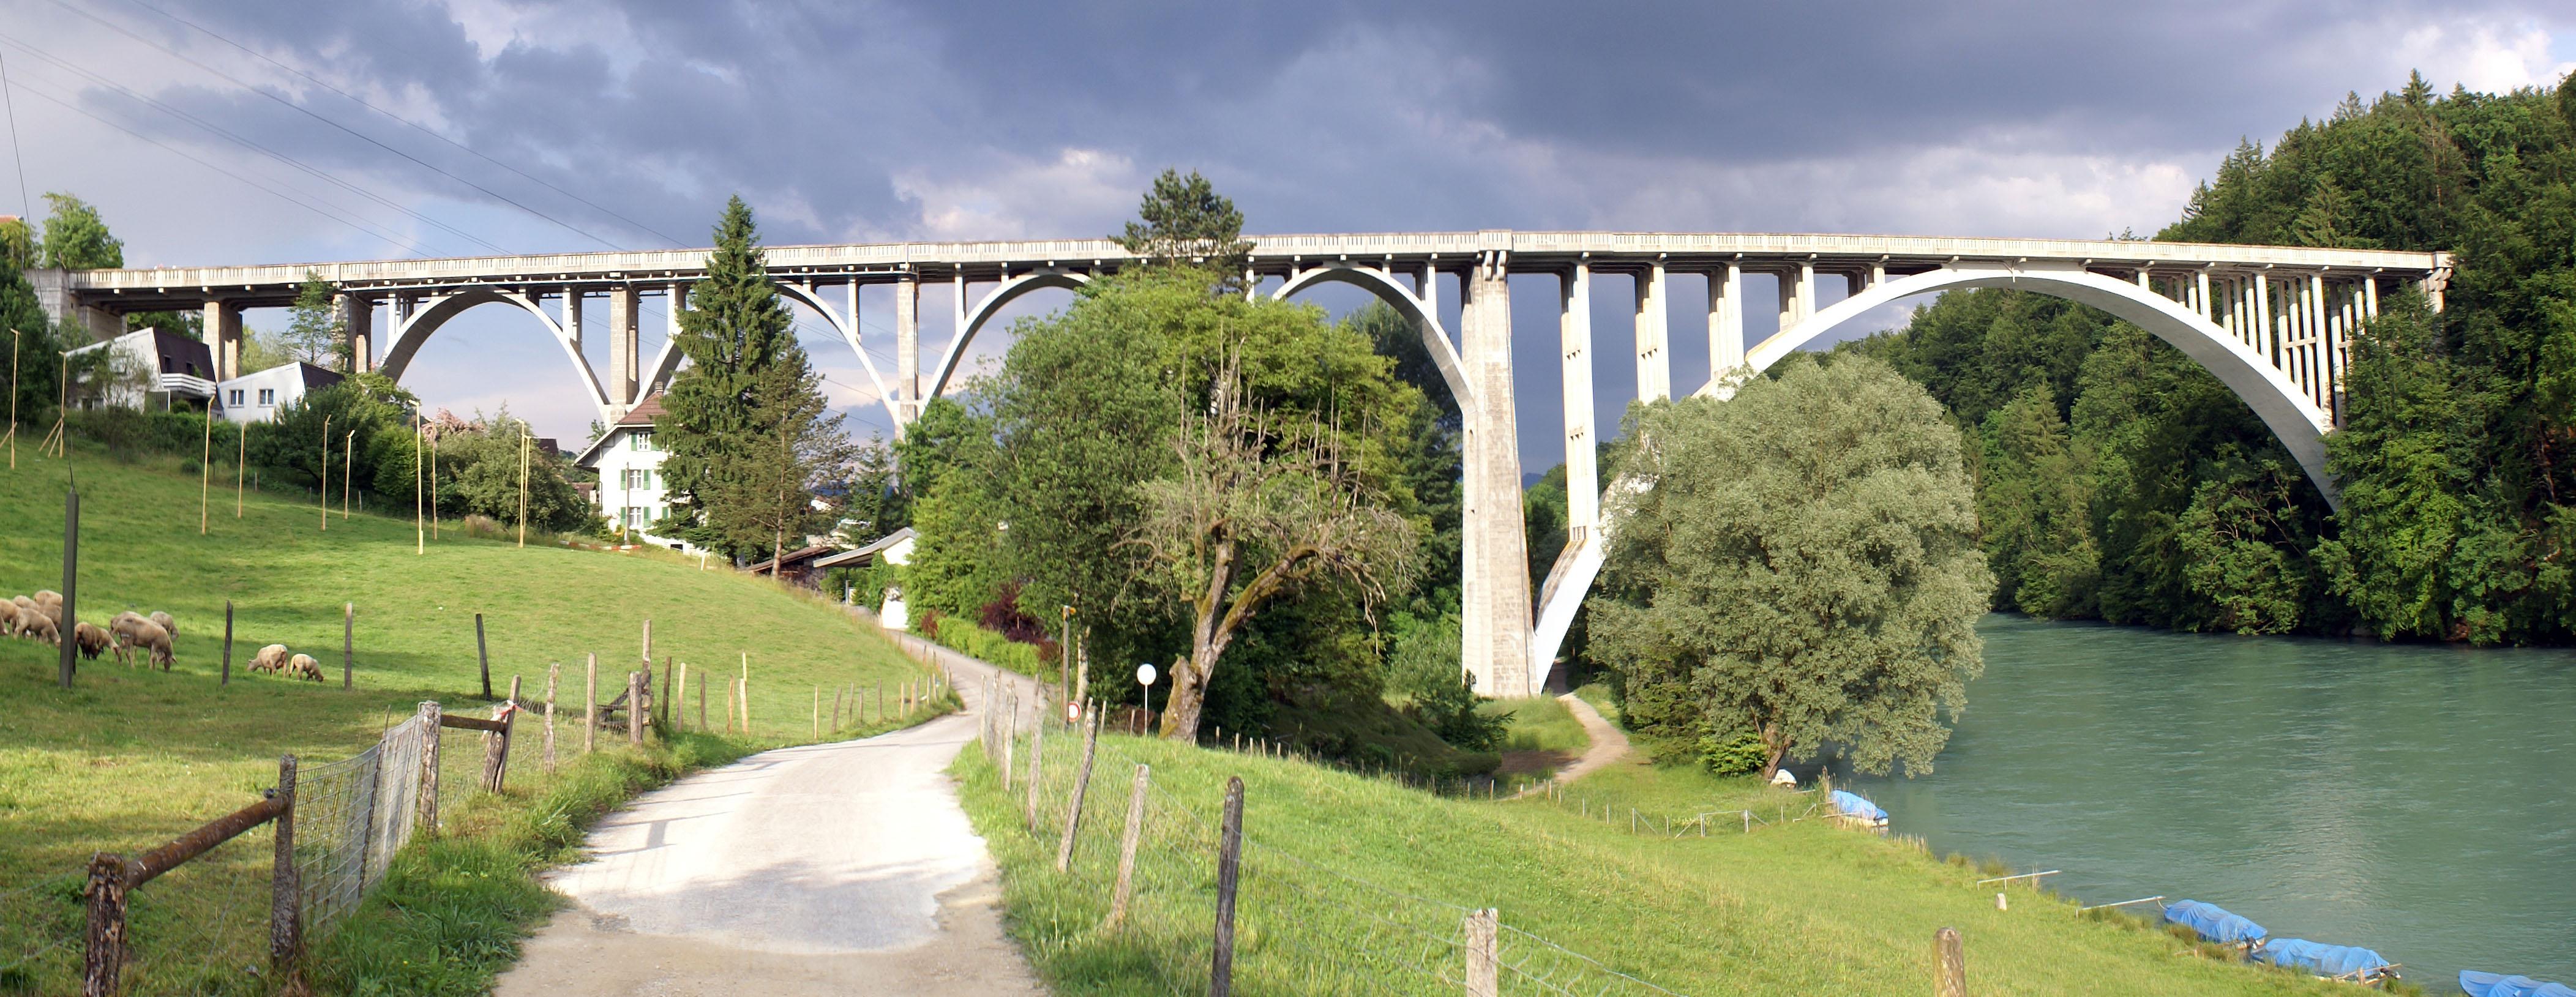 Halenbrücke